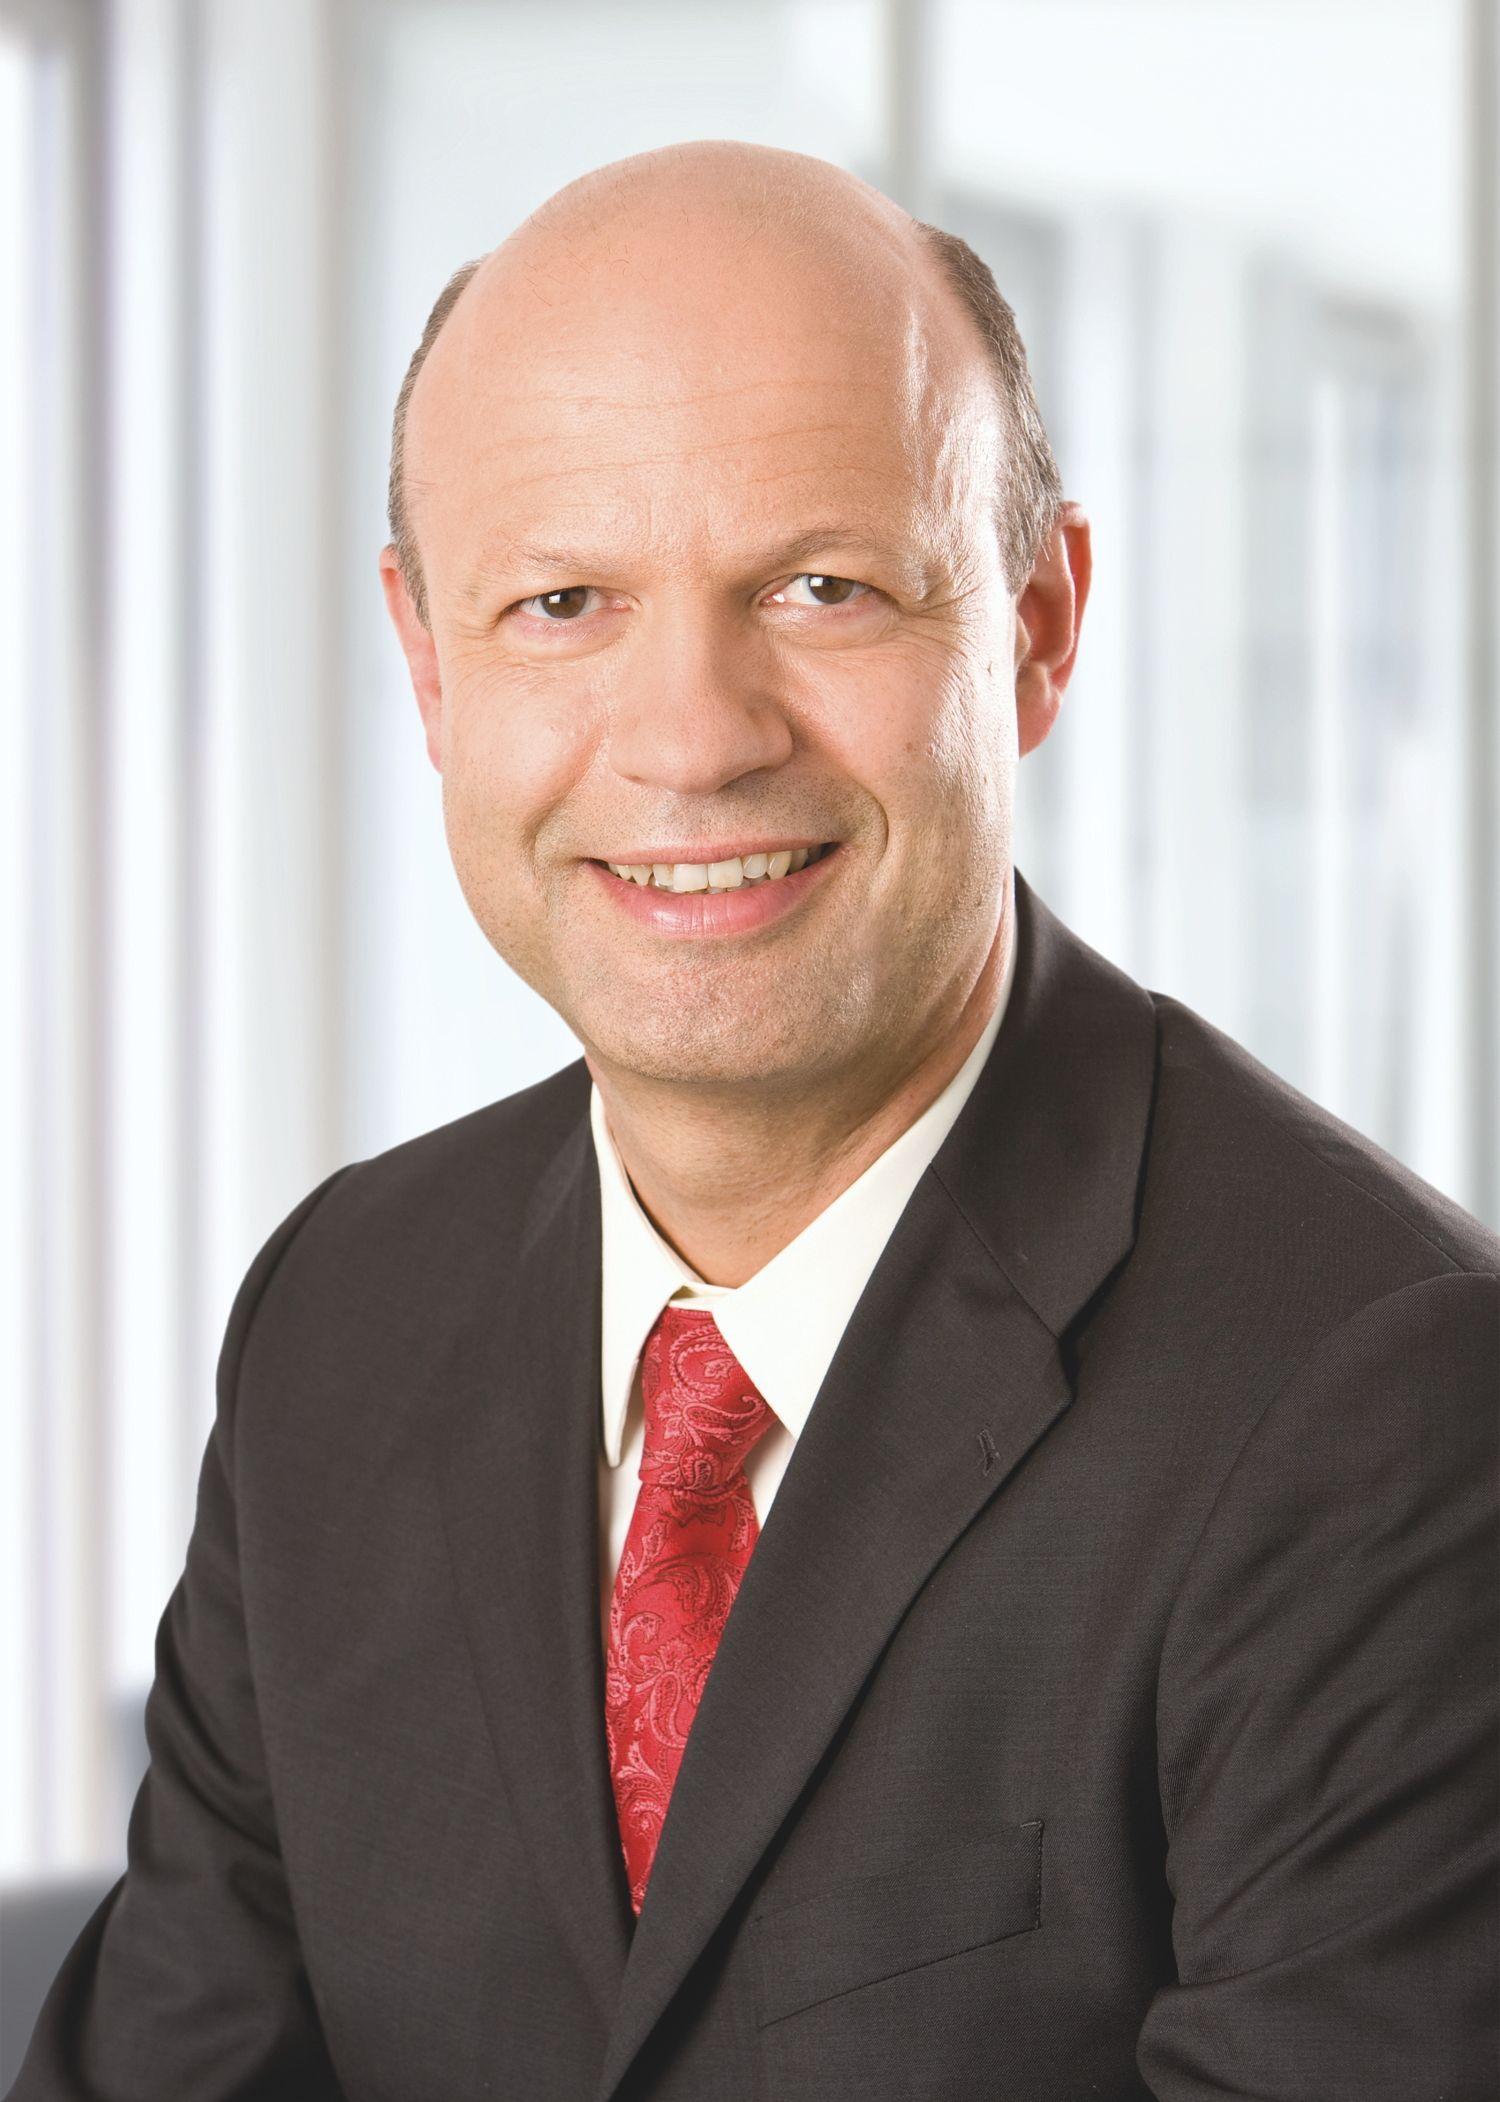 Frank Stieler / Hochtief / CEO